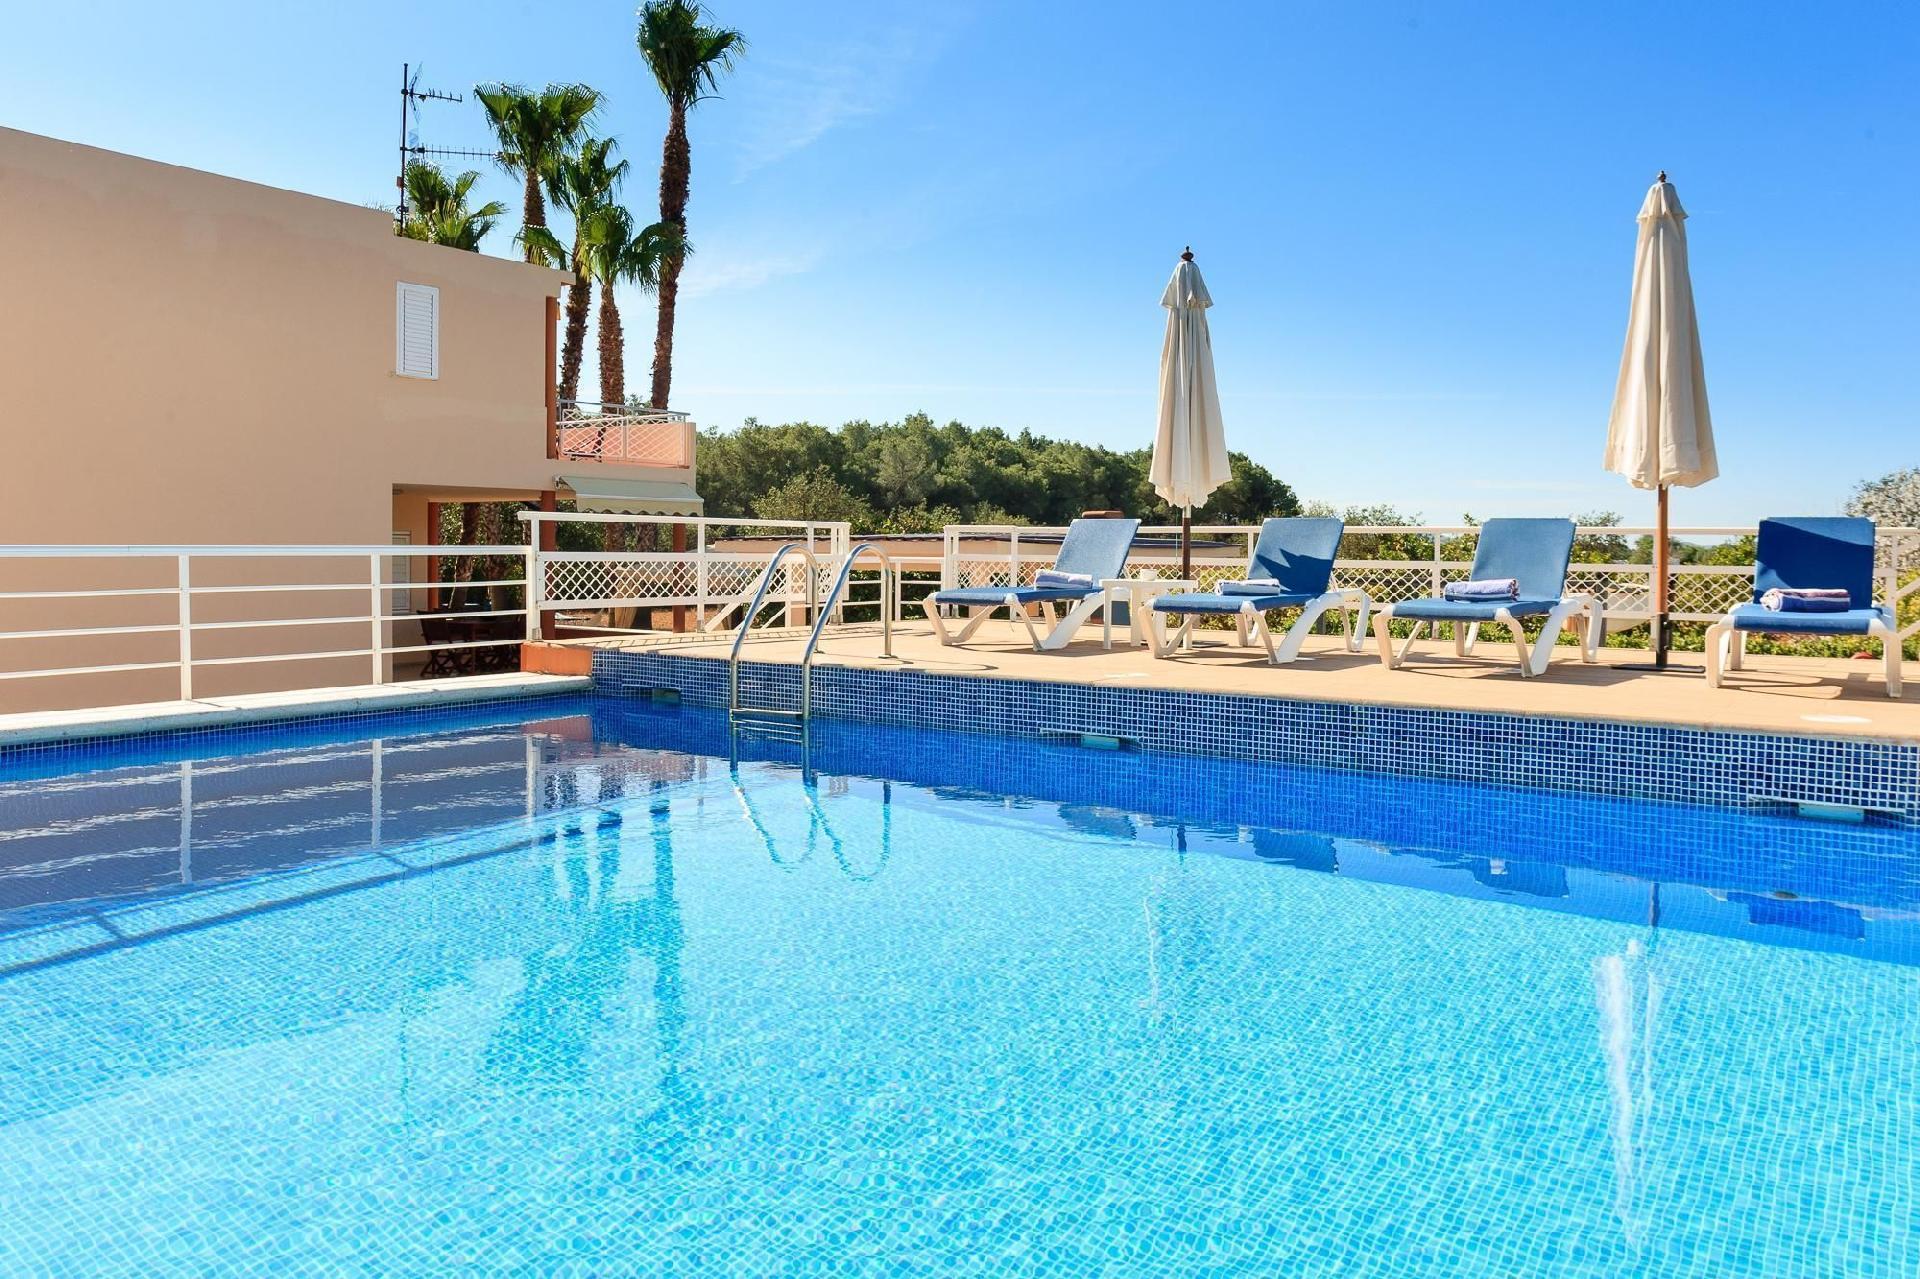 Ferienhaus mit Privatpool für 6 Personen 1 Kind ca 180 m² in Sant Joan de Labritja Ibiza Nordküste von Ibiza